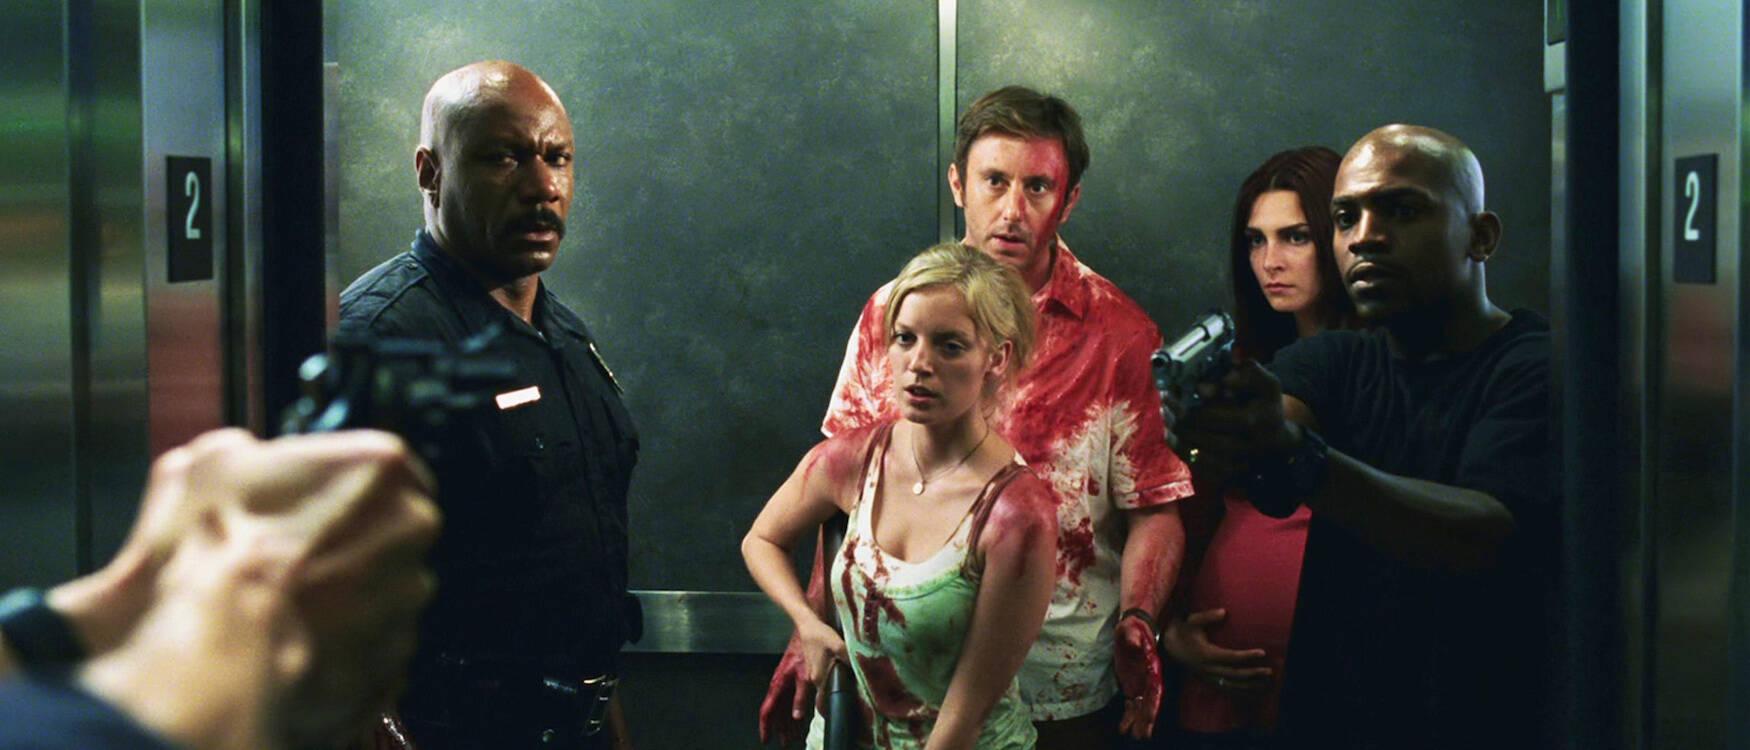 Film cult sugli zombie